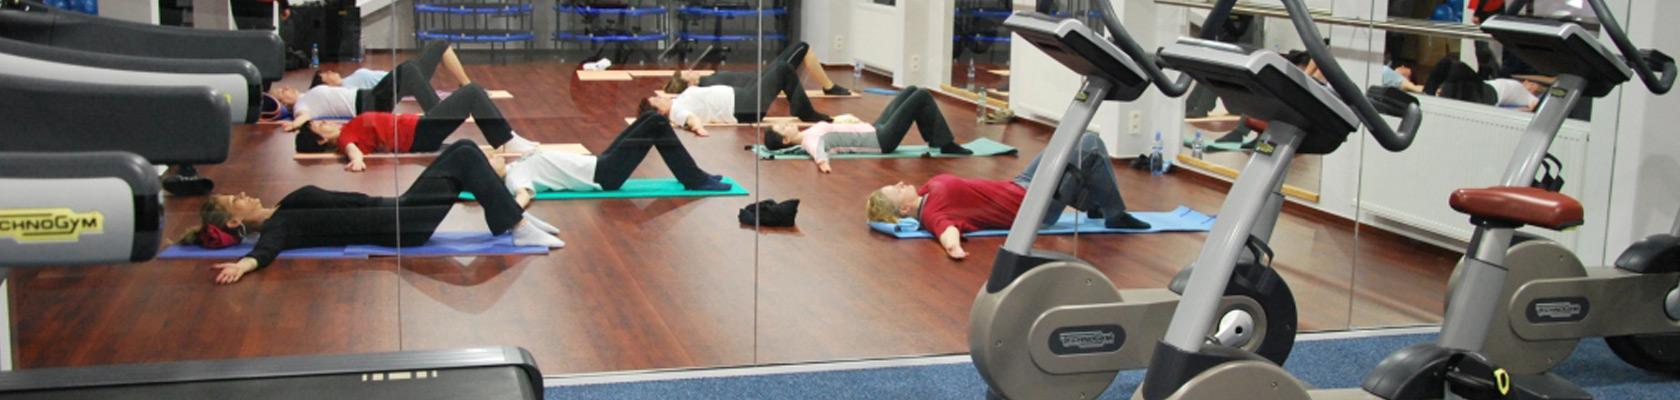 Rozšírenie fitnes centra o aerobik zónu